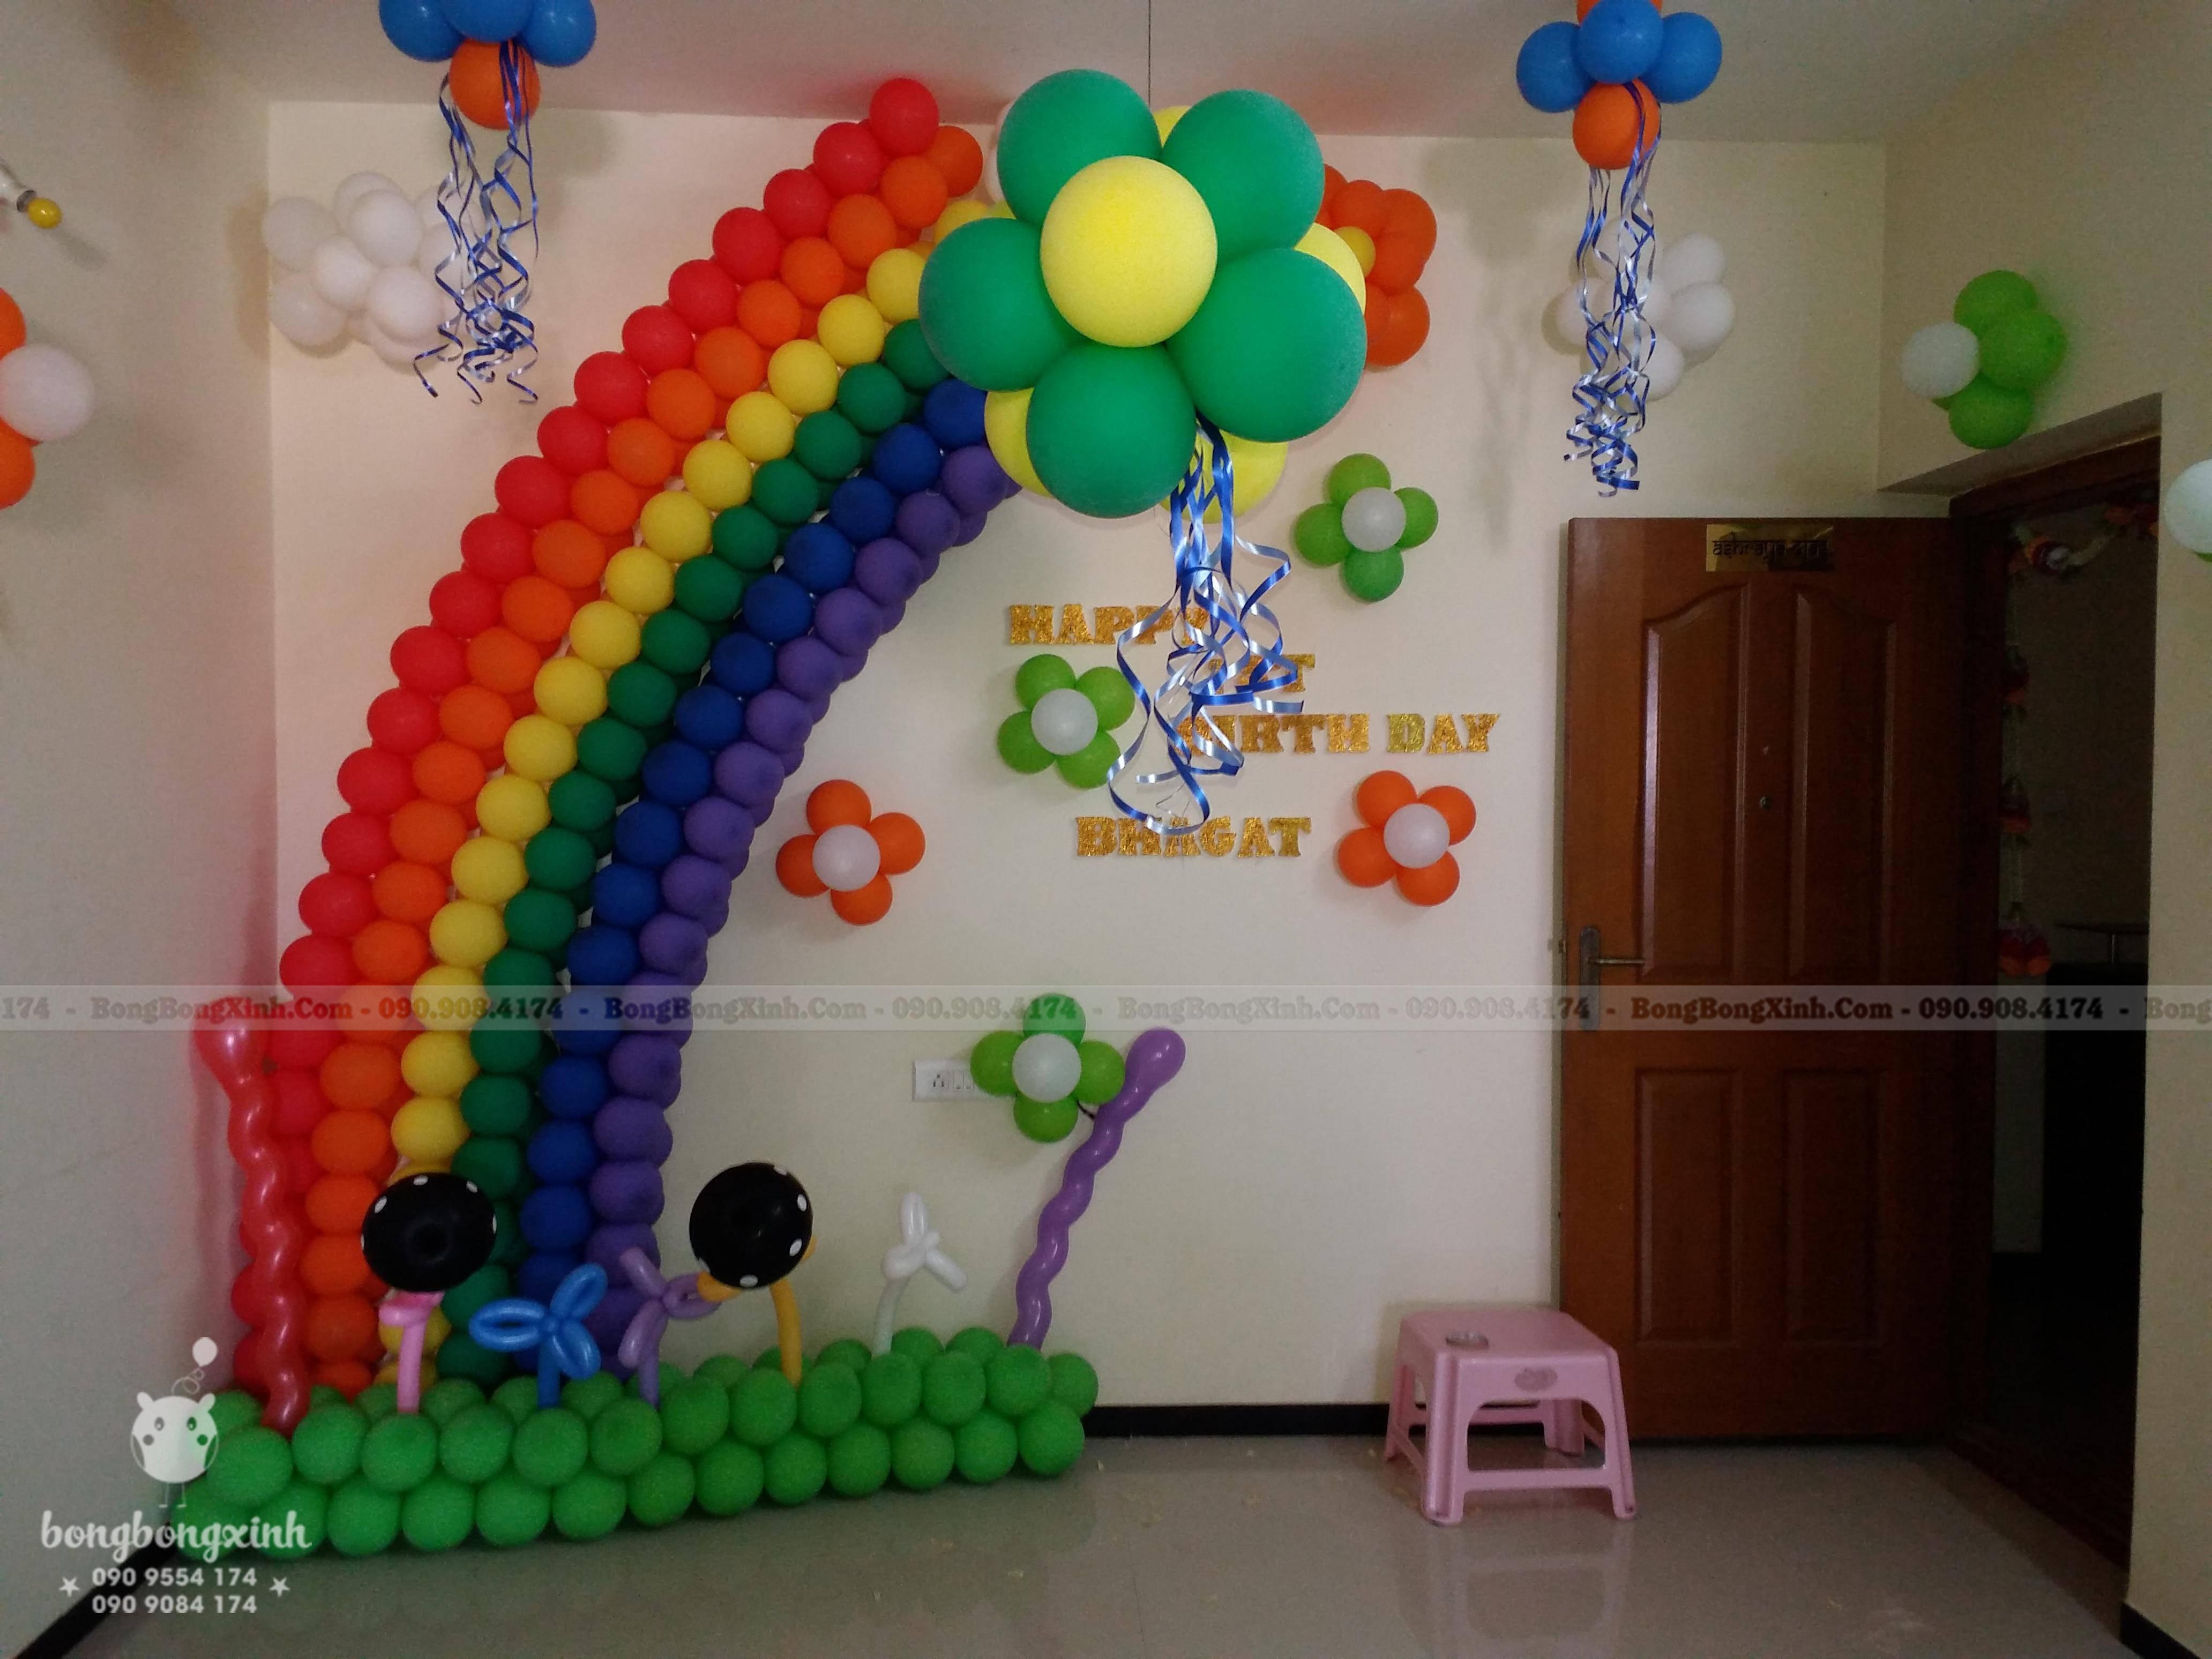 Tiểu cảnh bong bóng Rainbow